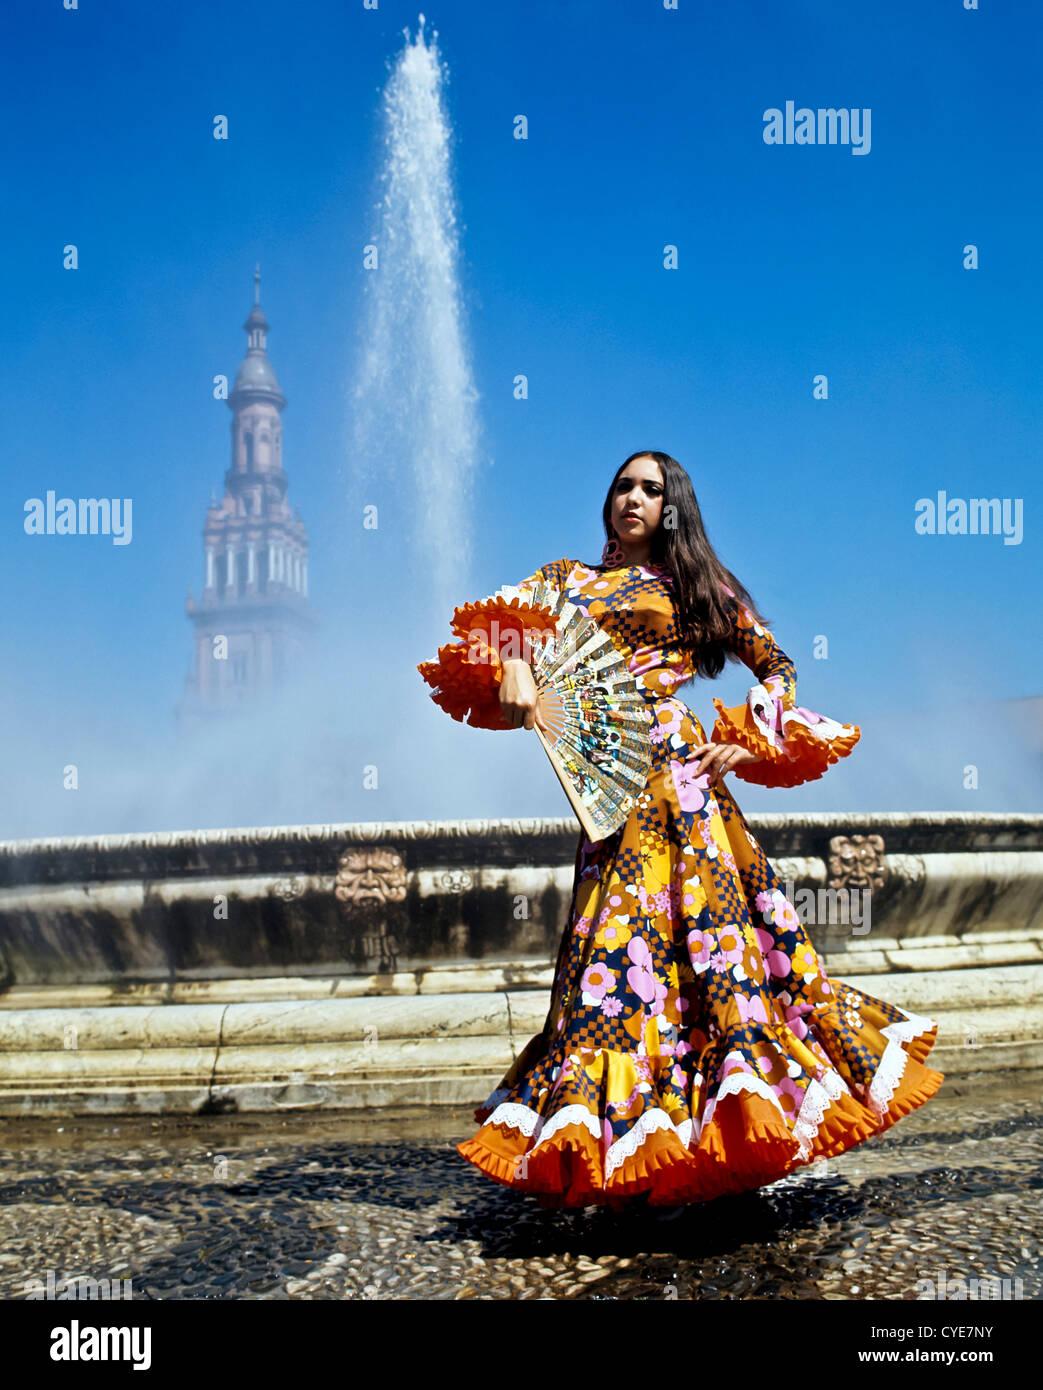 8333. Flamenco Dancer, Seville, Spain, Europe - Stock Image